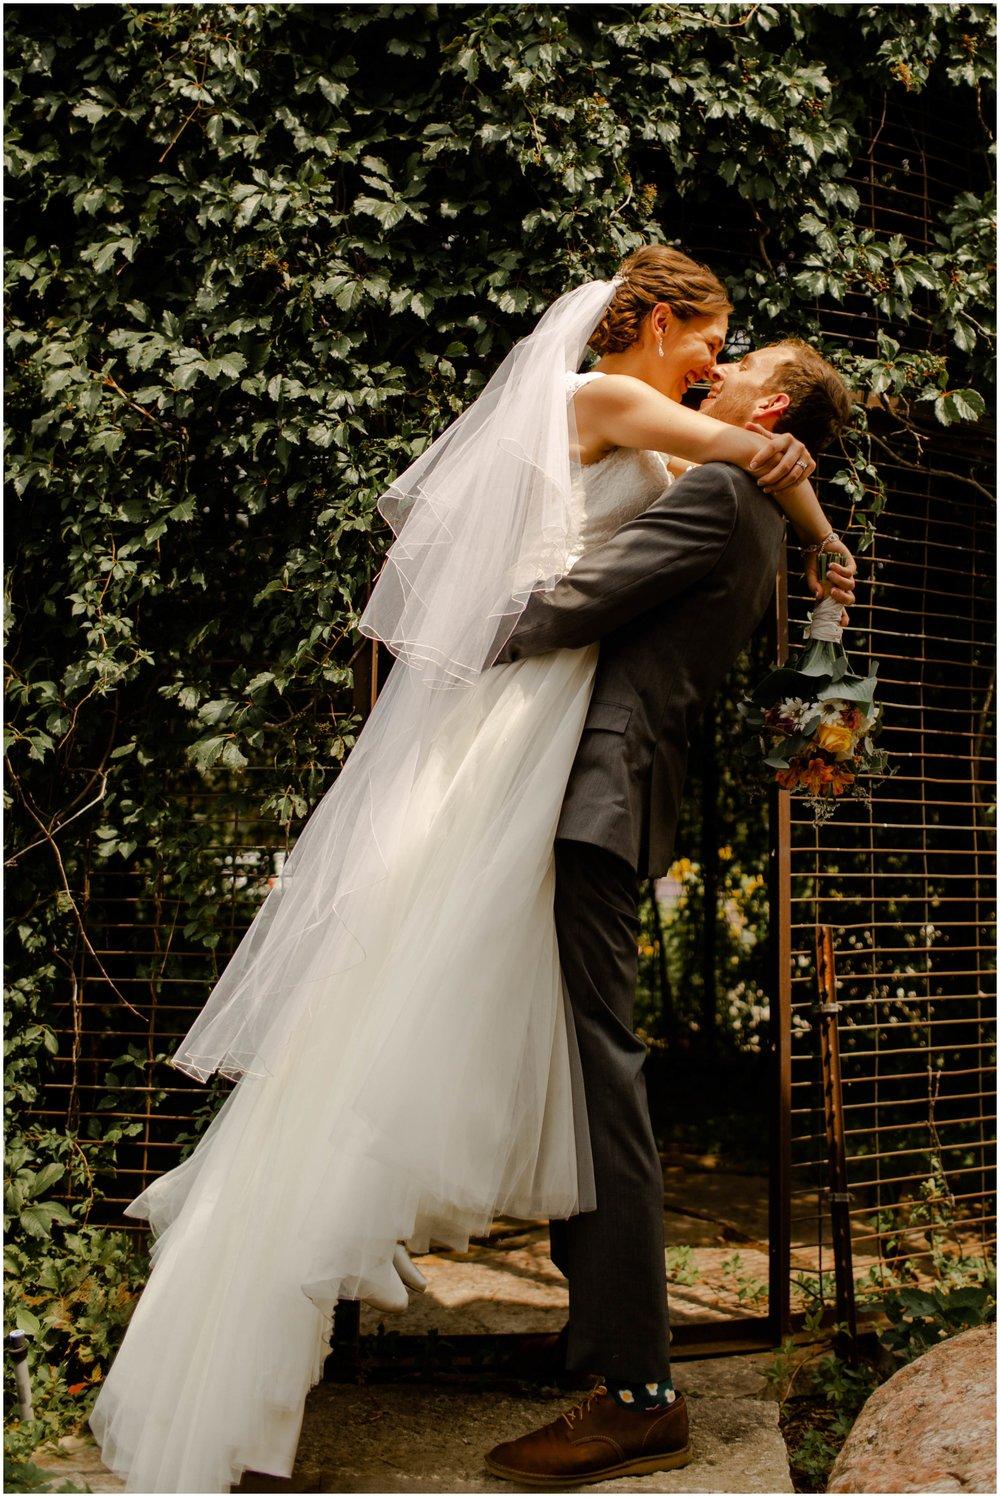 Chaska Minnesota Wedding Venue- The Outpost Center_0776.jpg